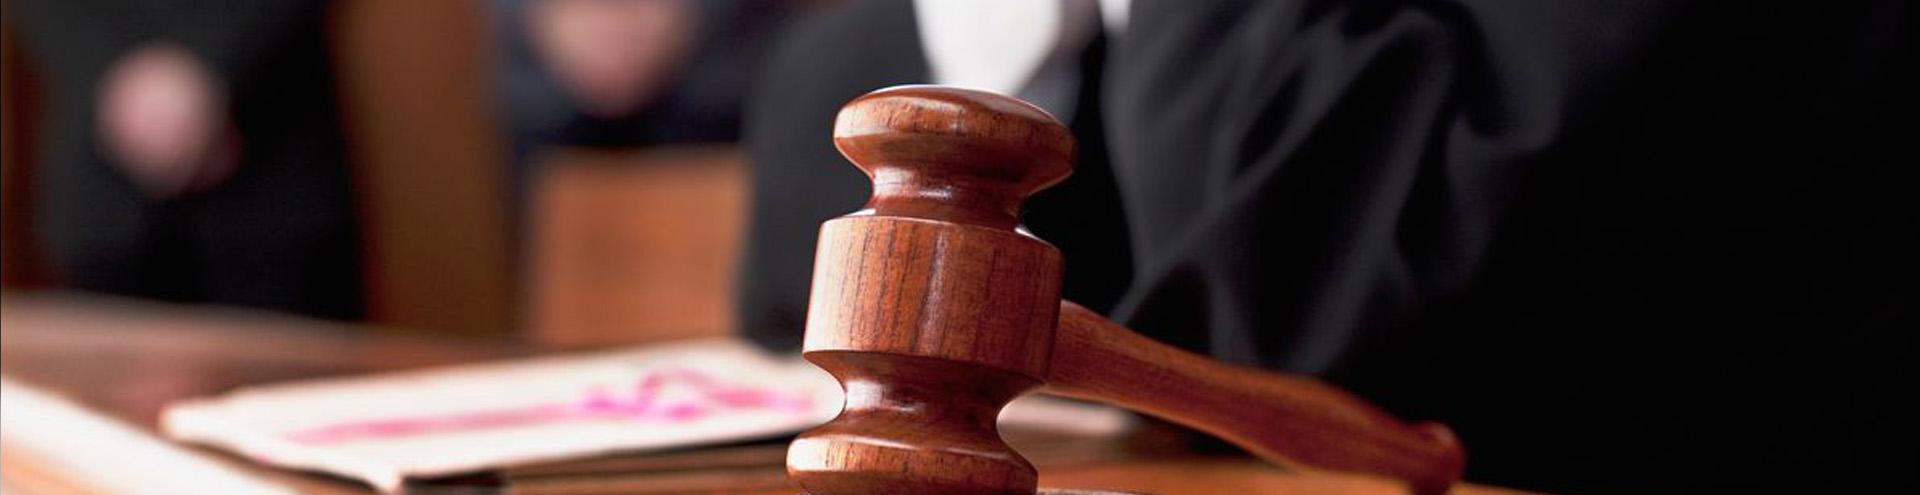 апелляционная жалоба в Рязани и Рязанской области